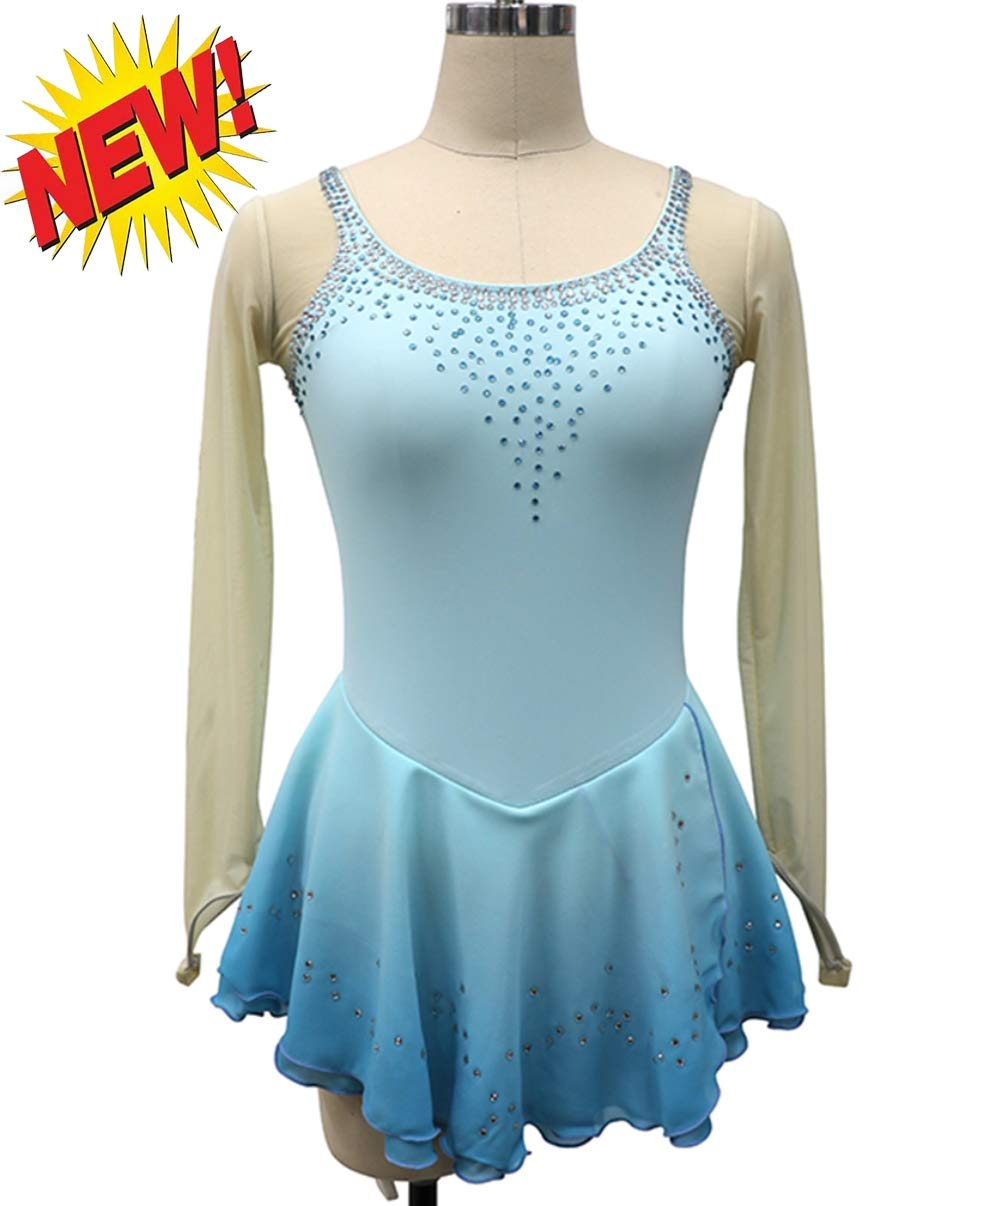 Abito body pattinaggio artistico bambina per ragazze e donne, Pattinaggio sul ghiaccio di esibizione di danza del ghiaccio Costume, maniche lunghe con cristalli di alta qualità Tunica, azzurro